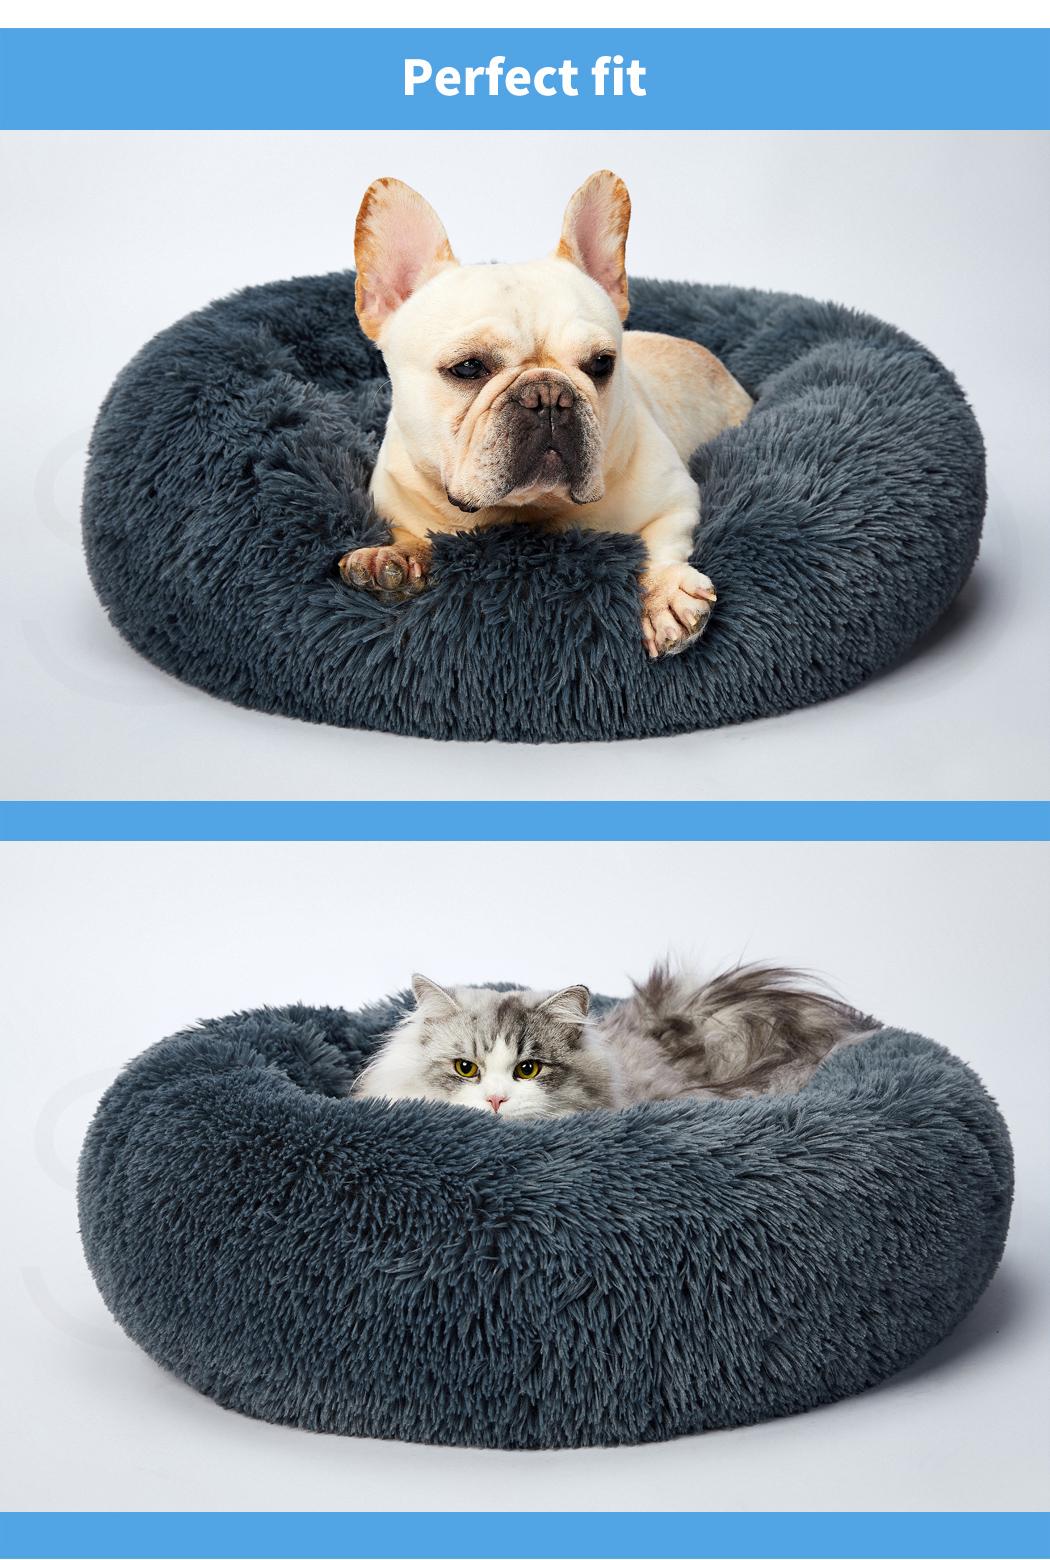 thumbnail 118 - PaWz Pet Bed Cat Dog Donut Nest Calming Mat Soft Plush Kennel Cave Deep Sleeping